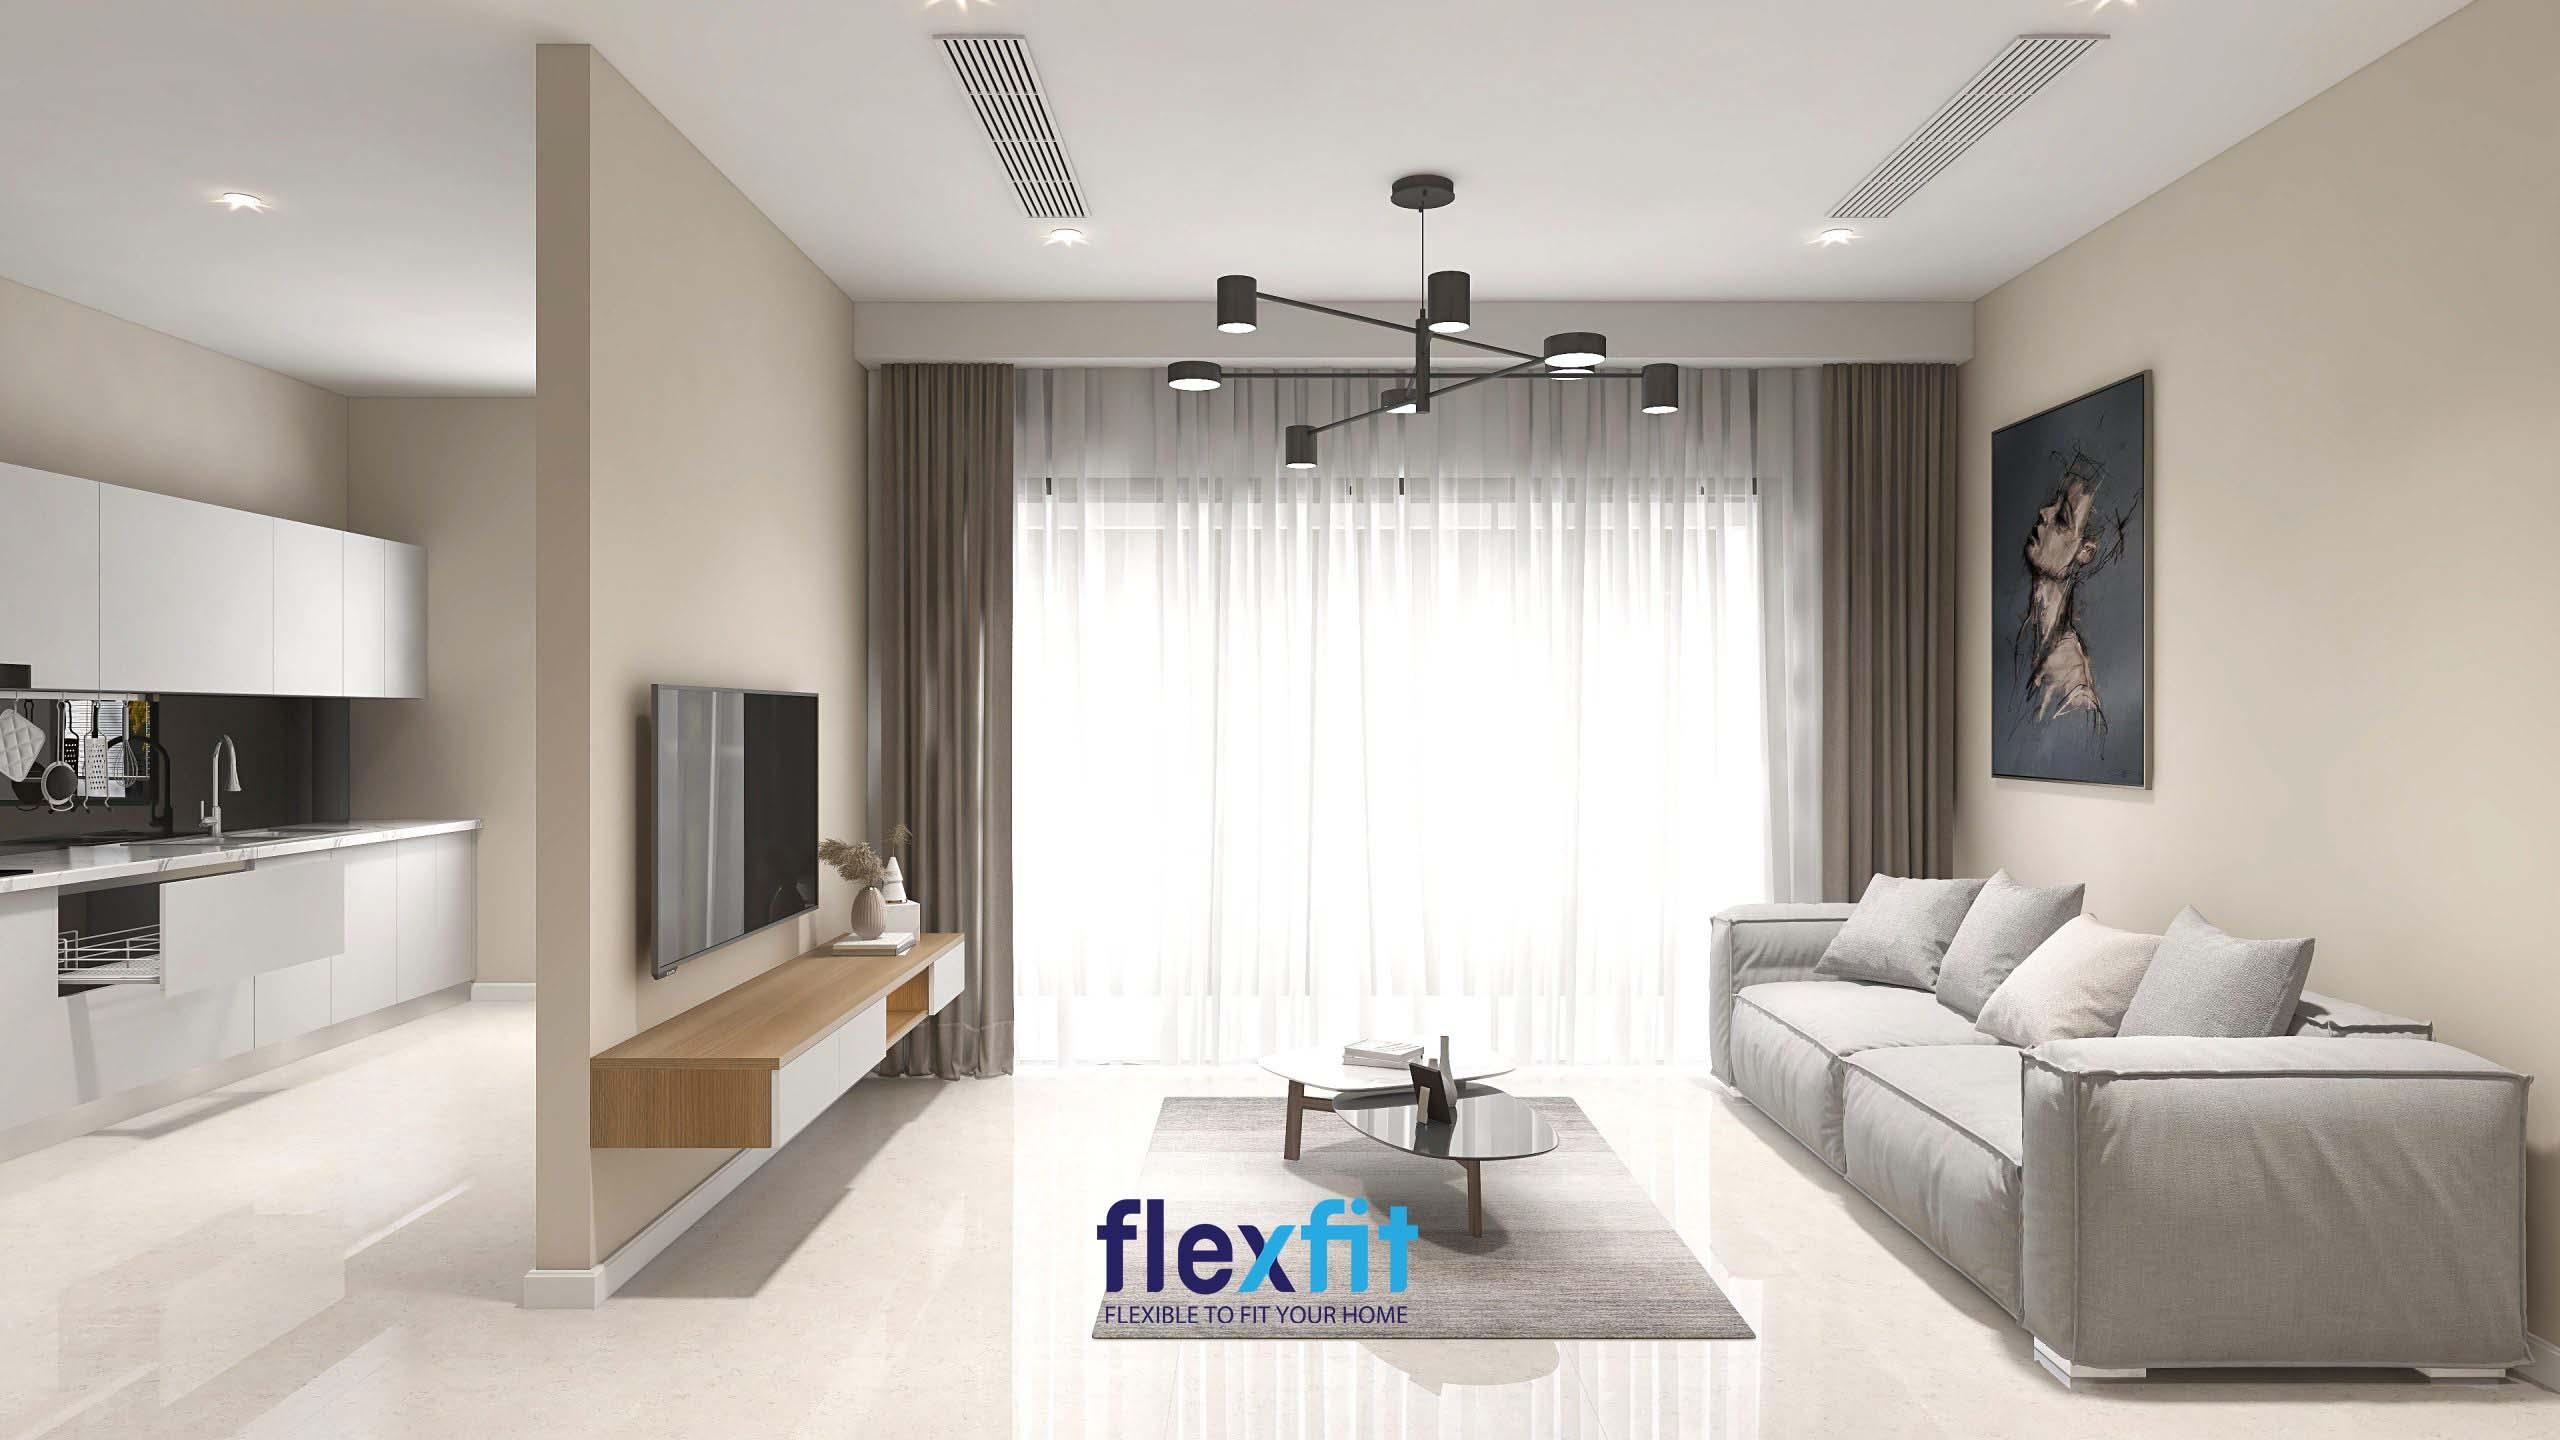 Vách ngăn tường bê tông kiên cố, màu be nhã nhặn dùng để ngăn cách phòng khách, phòng bếp; giảm bớt hỏa khí và gắn tivi, ngăn tủ tăng thêm tính tiện ích cho không gian